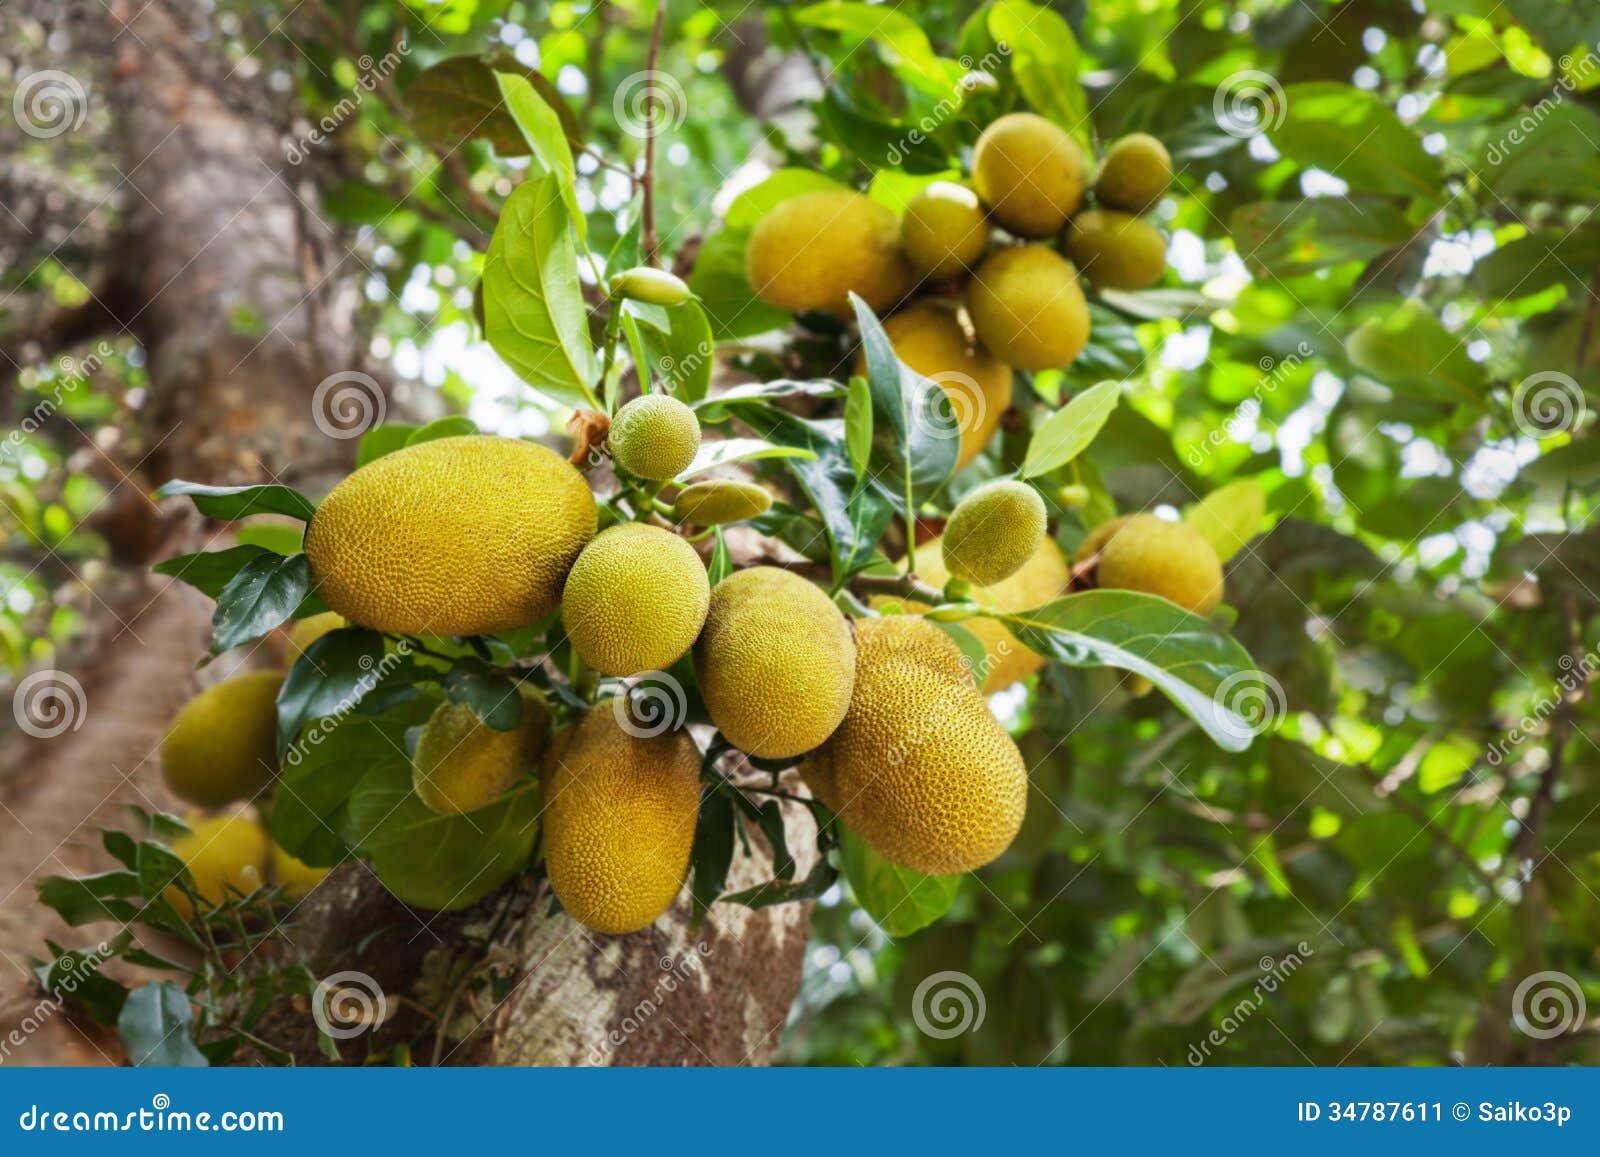 jack fruit tree stock image  image, Beautiful flower